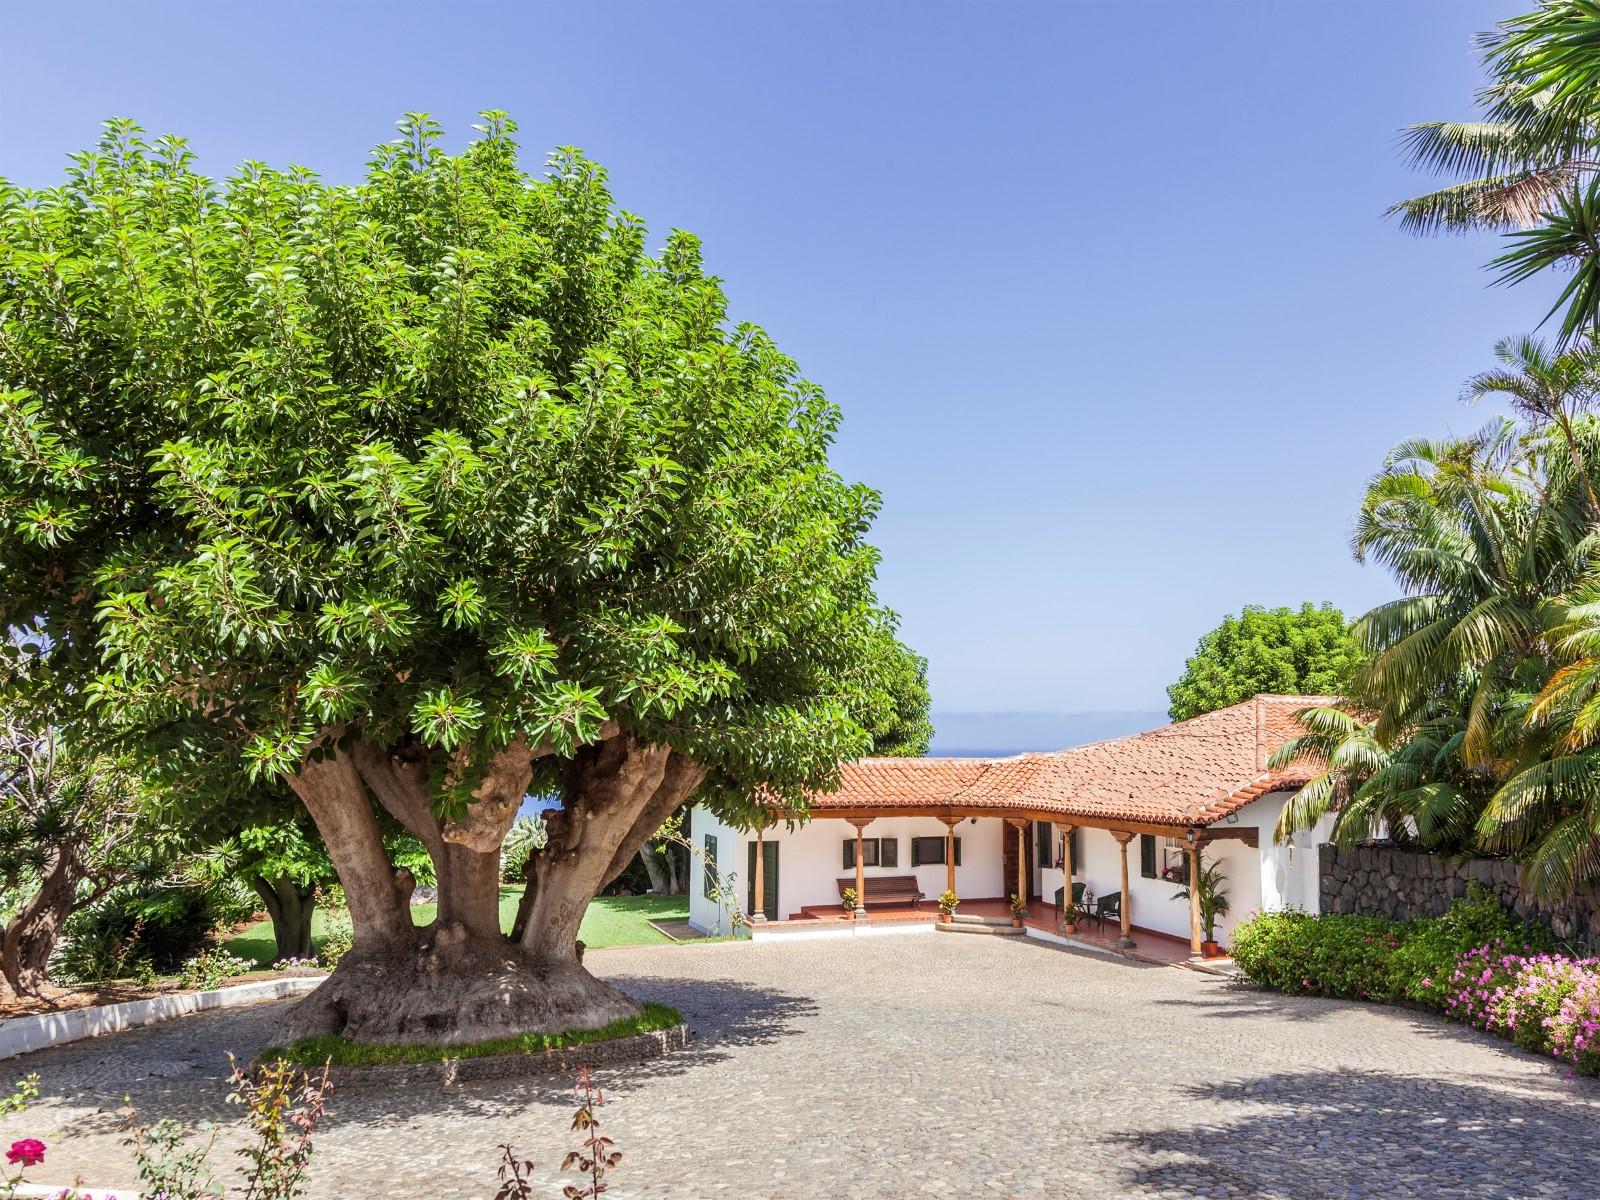 Ферма / ранчо / плантация для того Продажа на Las cuevas La Laguna, Tenerife Canary Islands, 38270 Испания